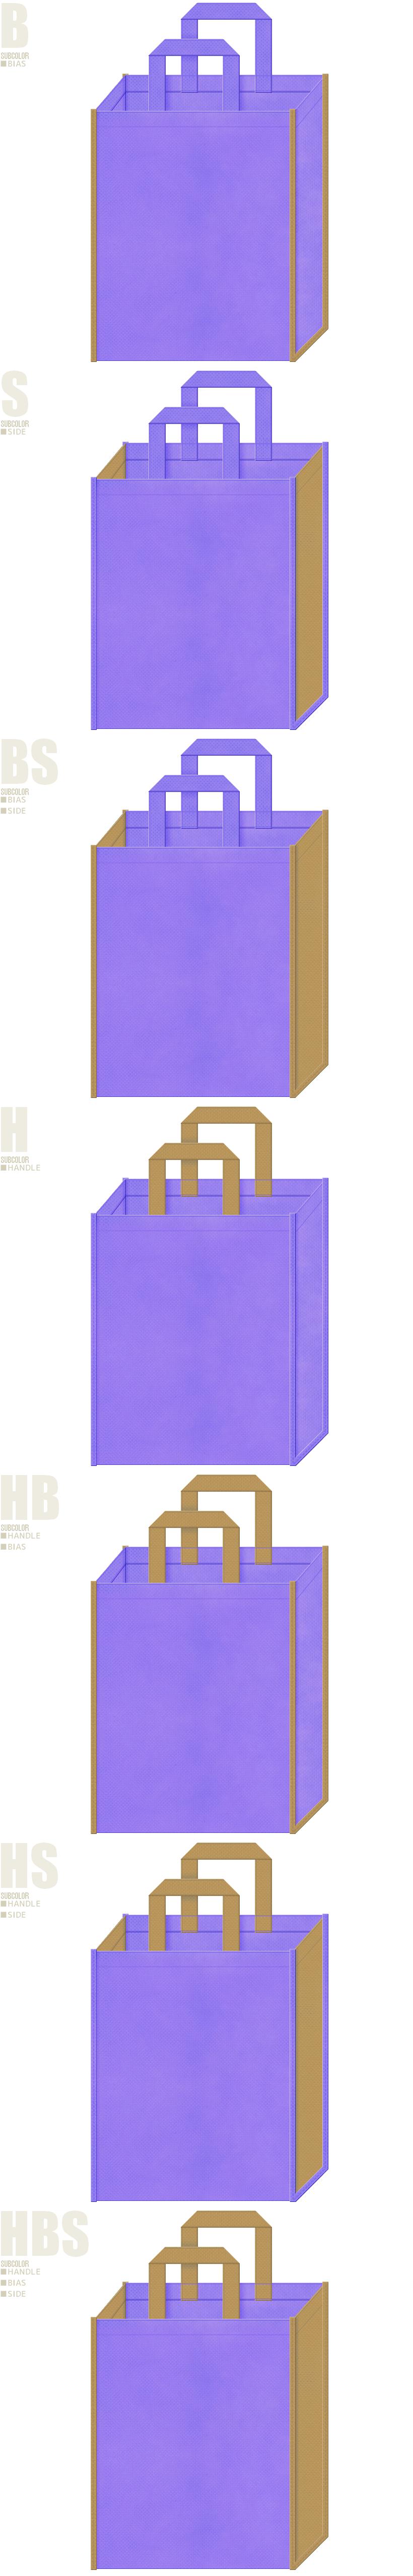 不織布バッグのデザイン:薄紫色と金黄土色の配色7パターン